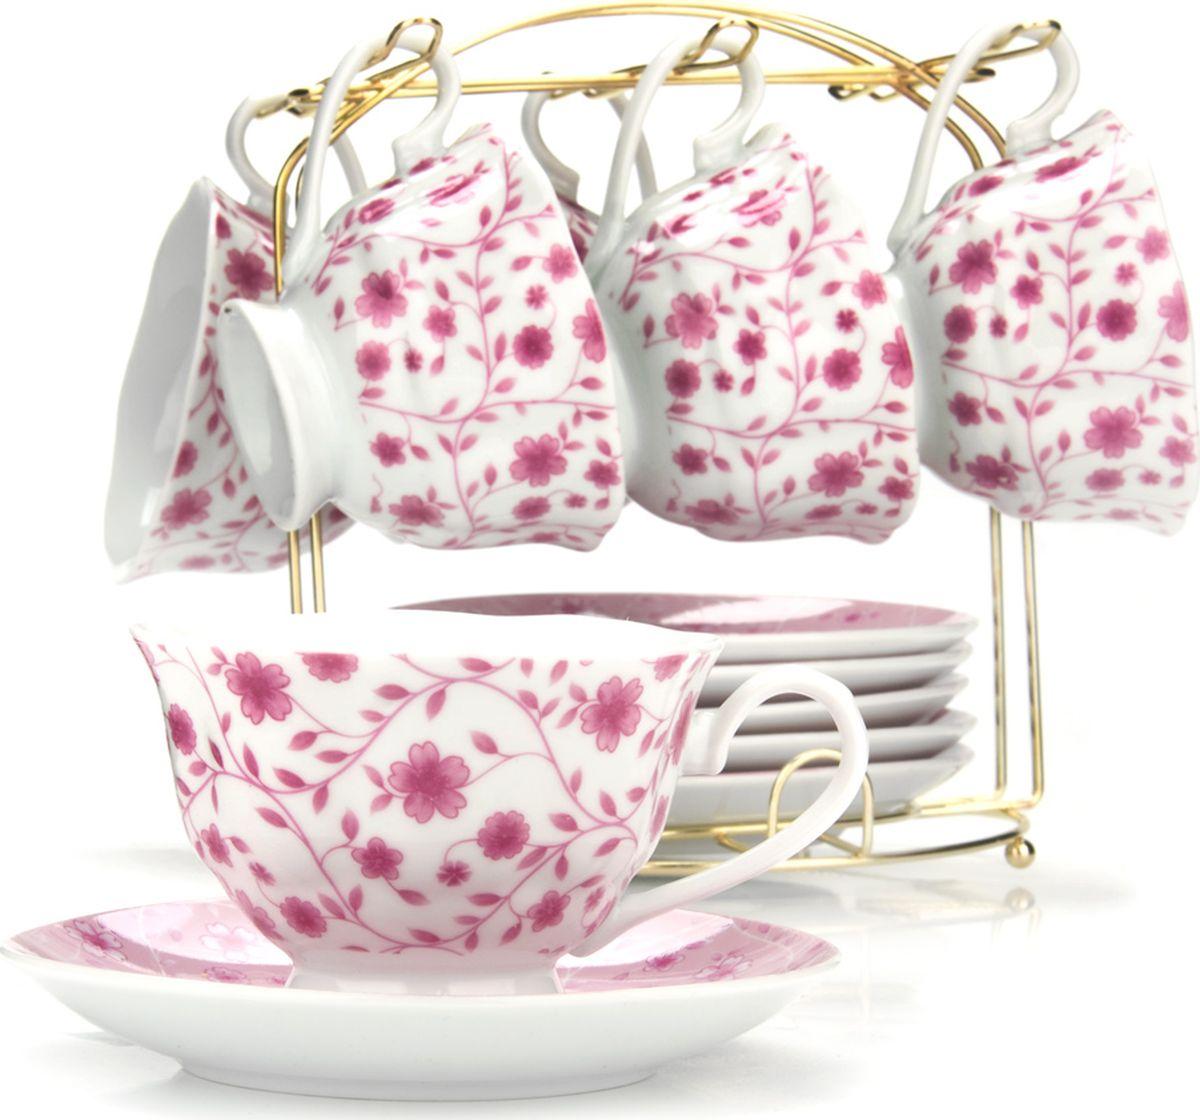 Сервиз чайный Loraine, на подставке, 13 предметов. 4329725948